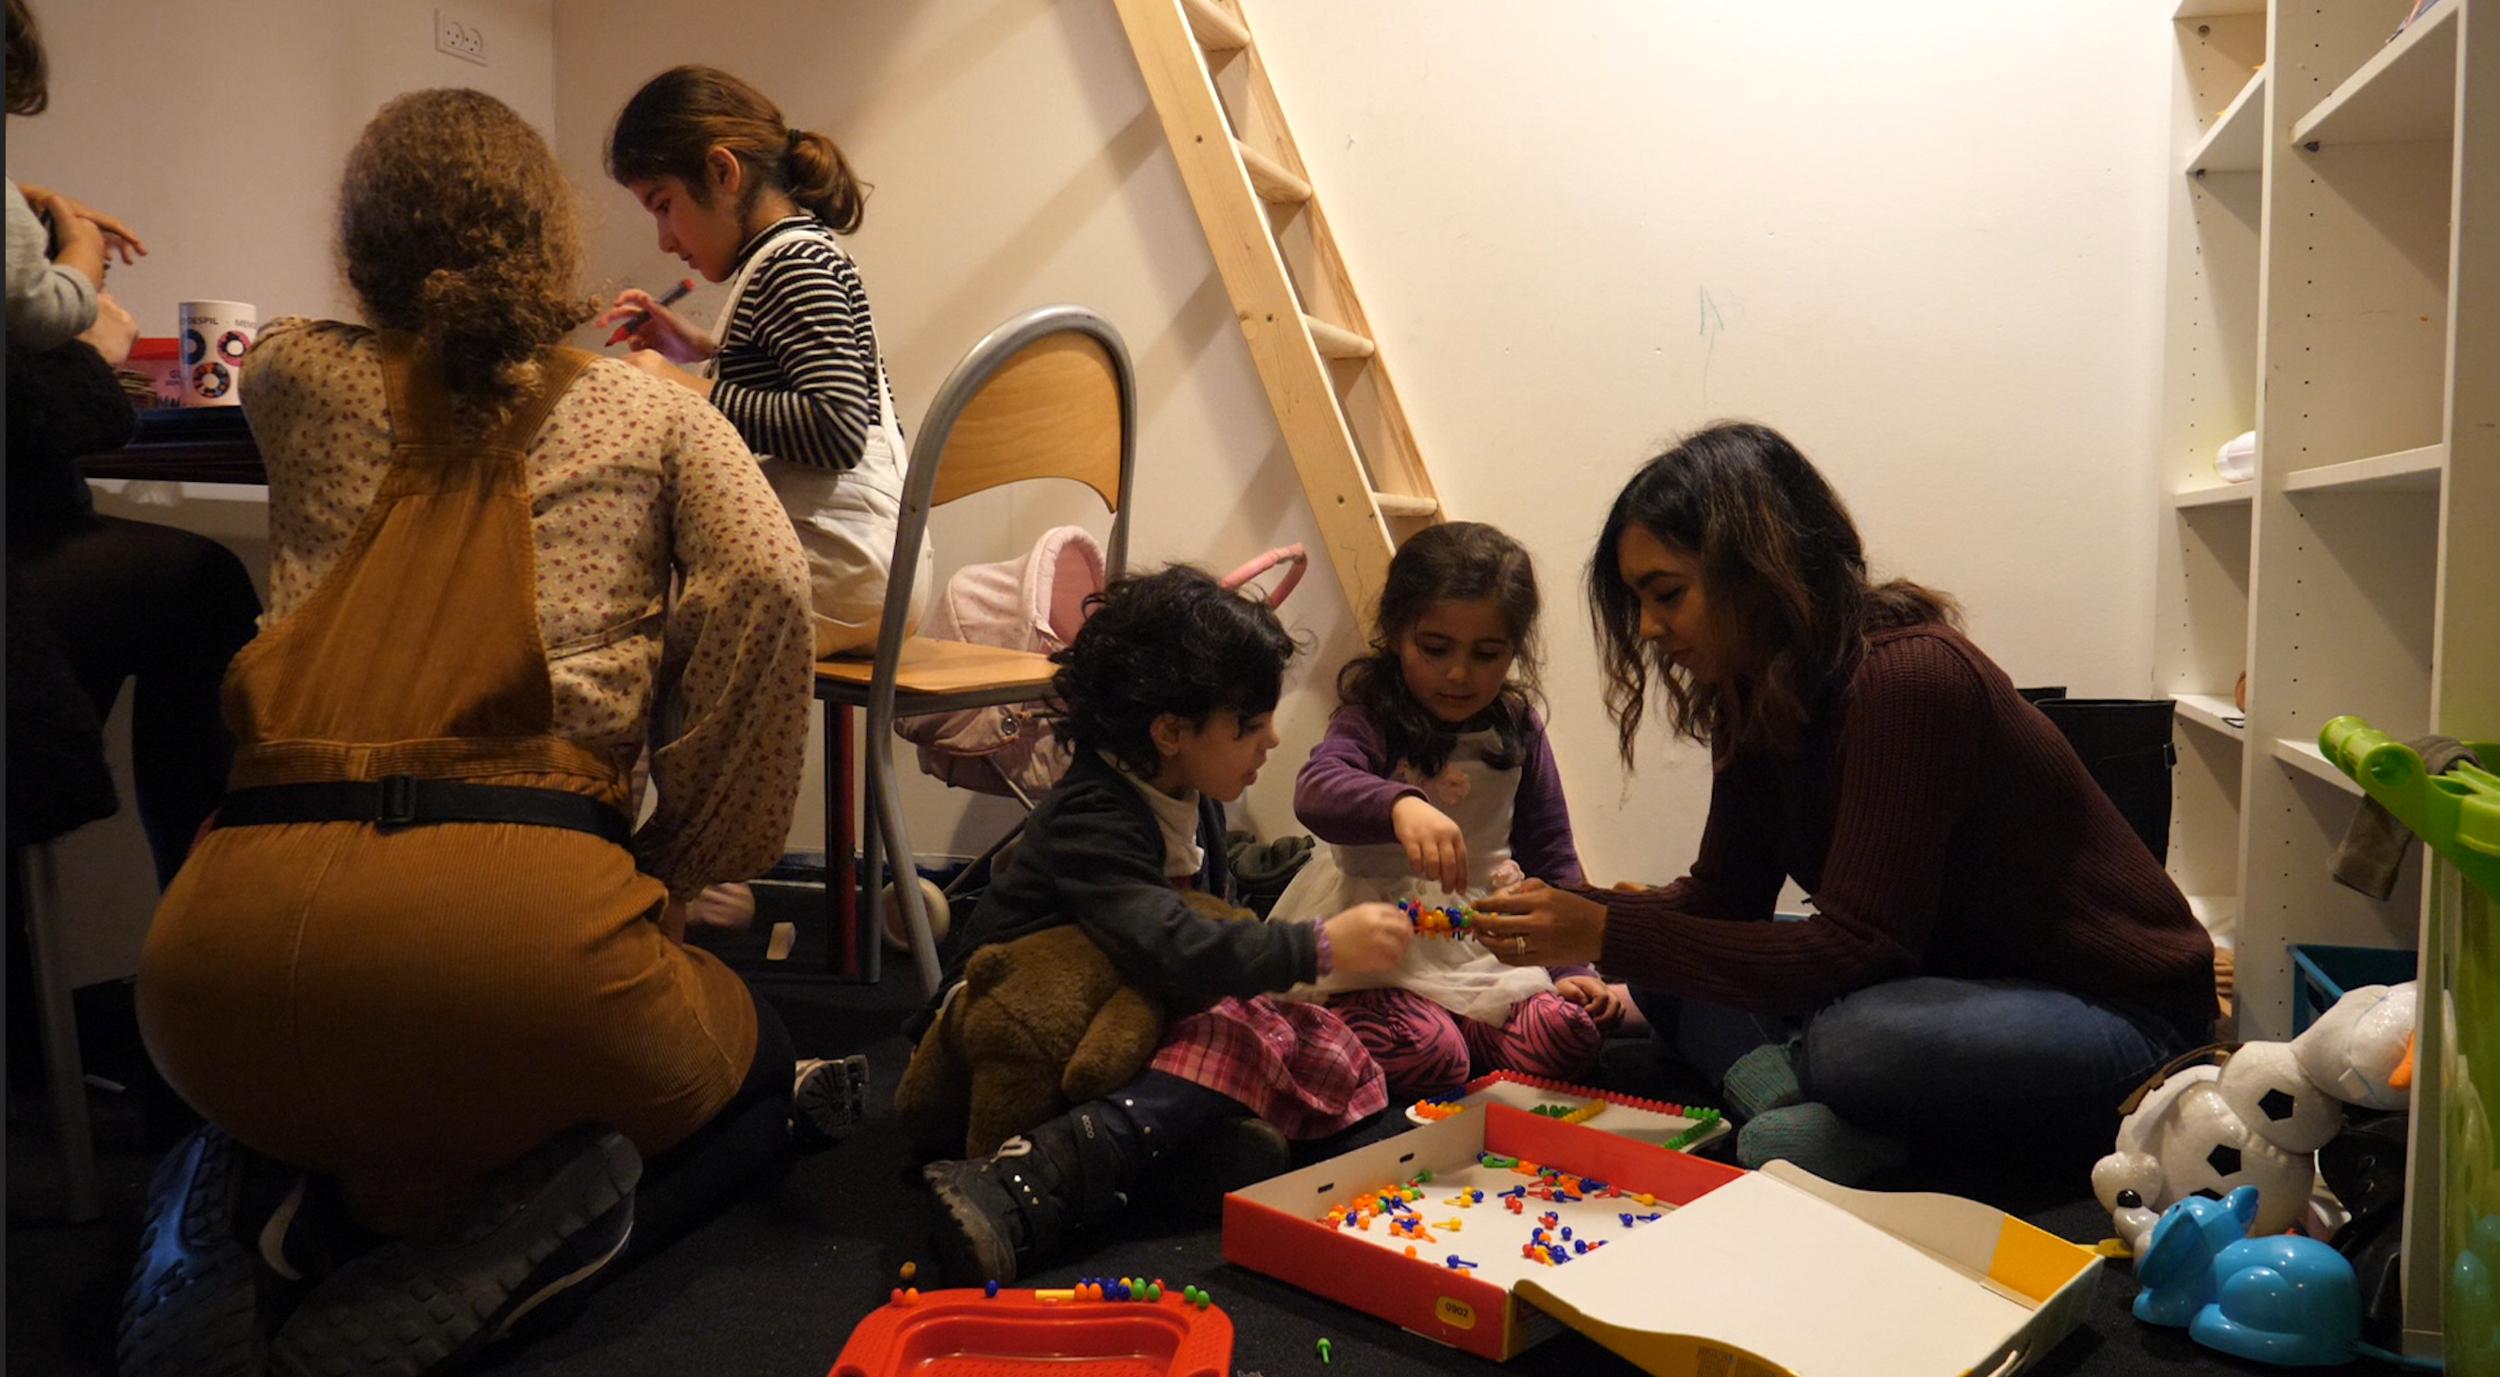 Siden renoveringen har børneklubben fået sit helt eget rum, som giver bedre mulighed for struktur og tryghed for børnene. Foto: Viktoria Steinhart.